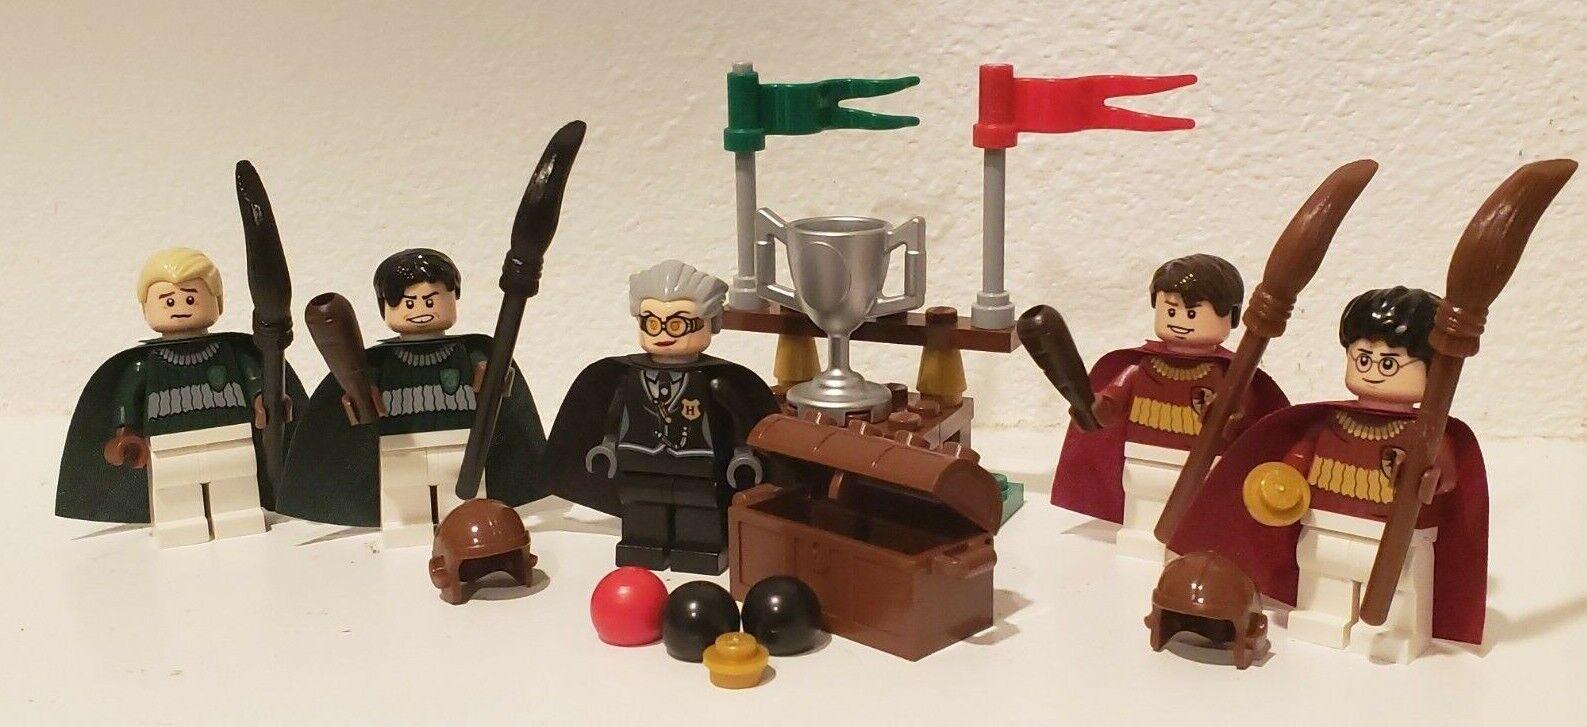 Echte lego harry potter quidditch quidditch quidditch - team kooperation viel schnaps malfoy holz 4737 a6bdad